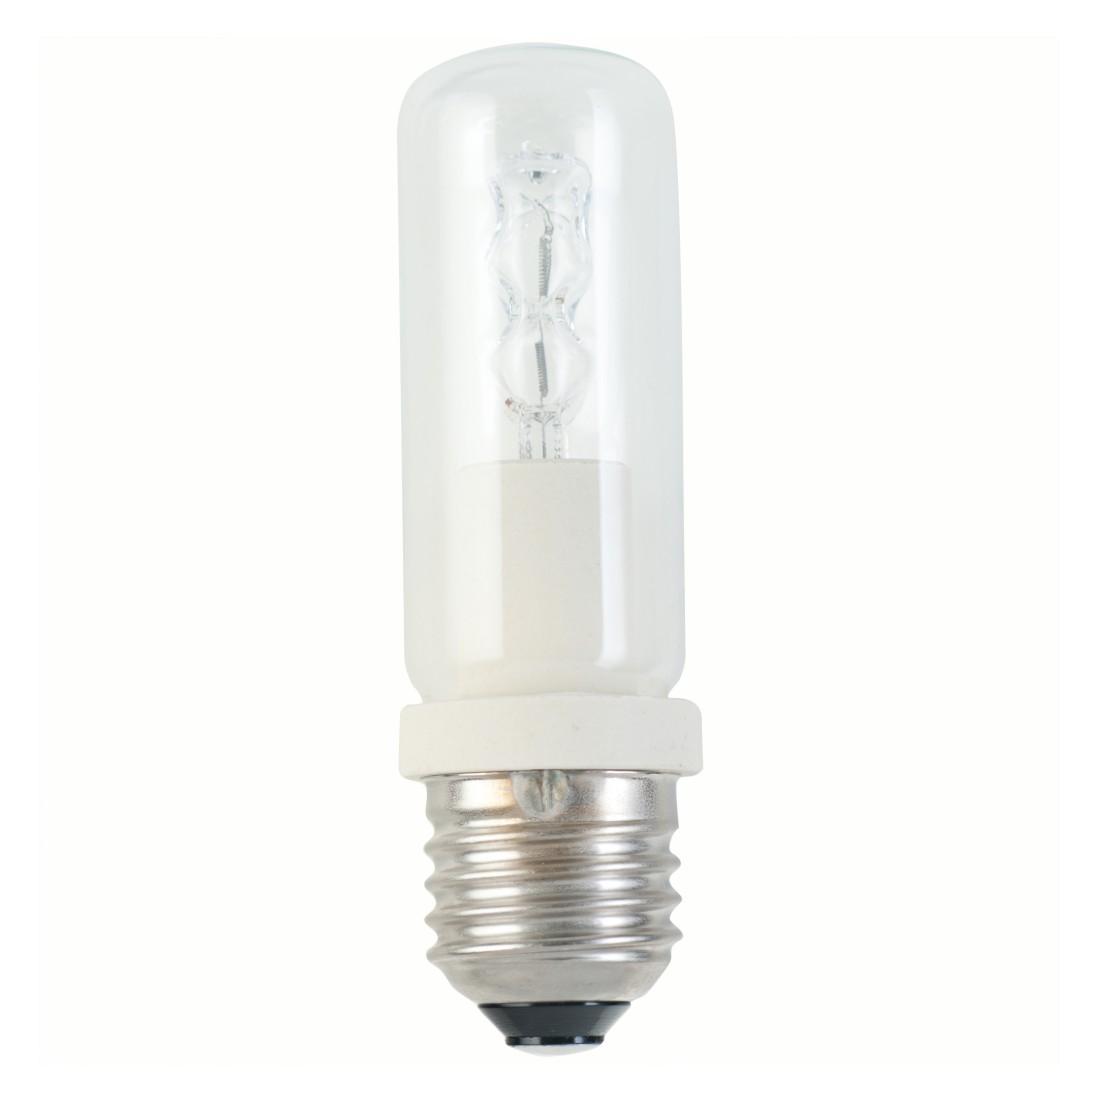 Halogen-Retrofitlampe E27 150 W Kolben klar ● Klarglas Klar- Mega Licht